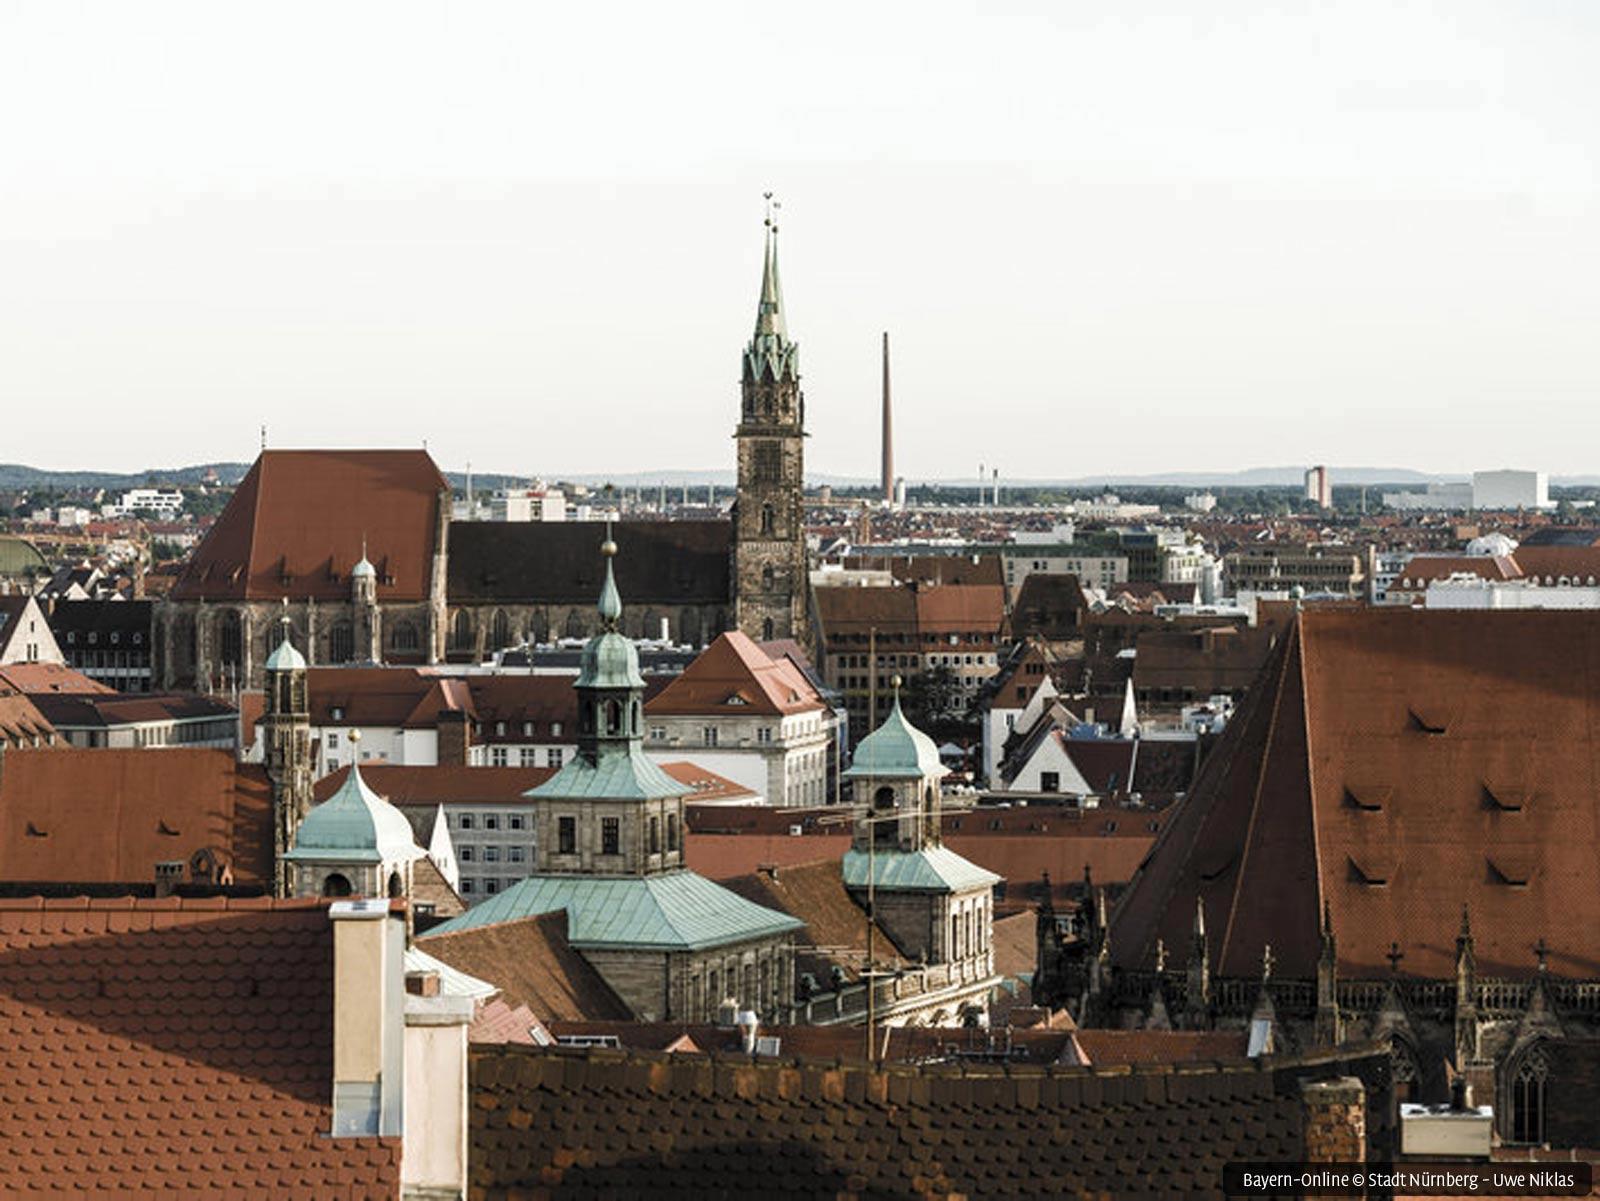 Nürnberg Stadtteil